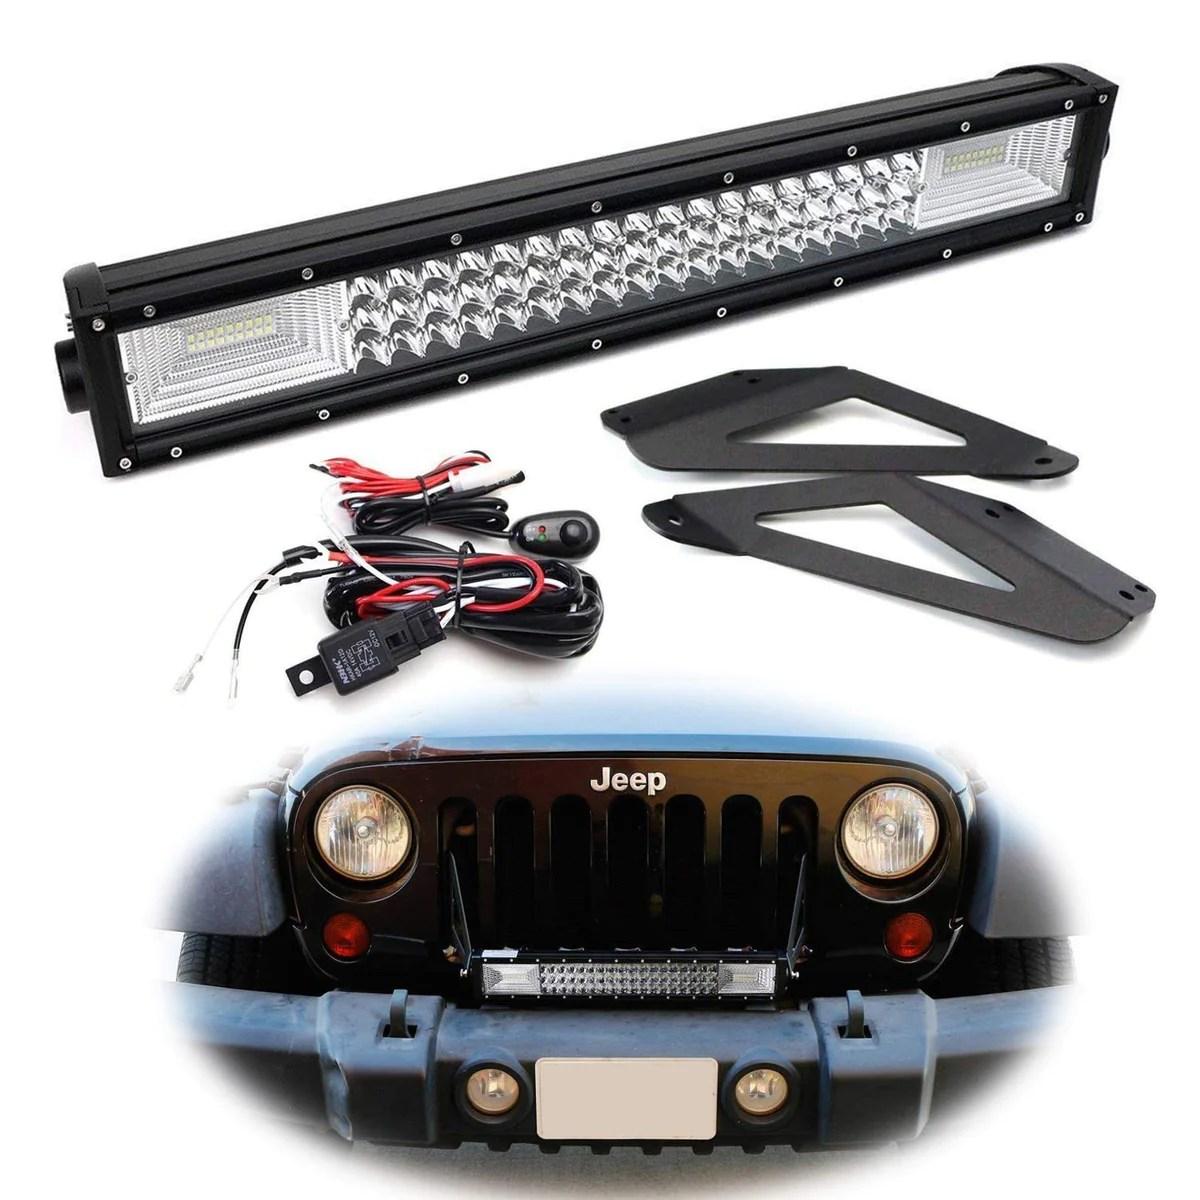 medium resolution of 07 17 jeep wrangler jk front grille mount led light bar kit ijdmtoy com